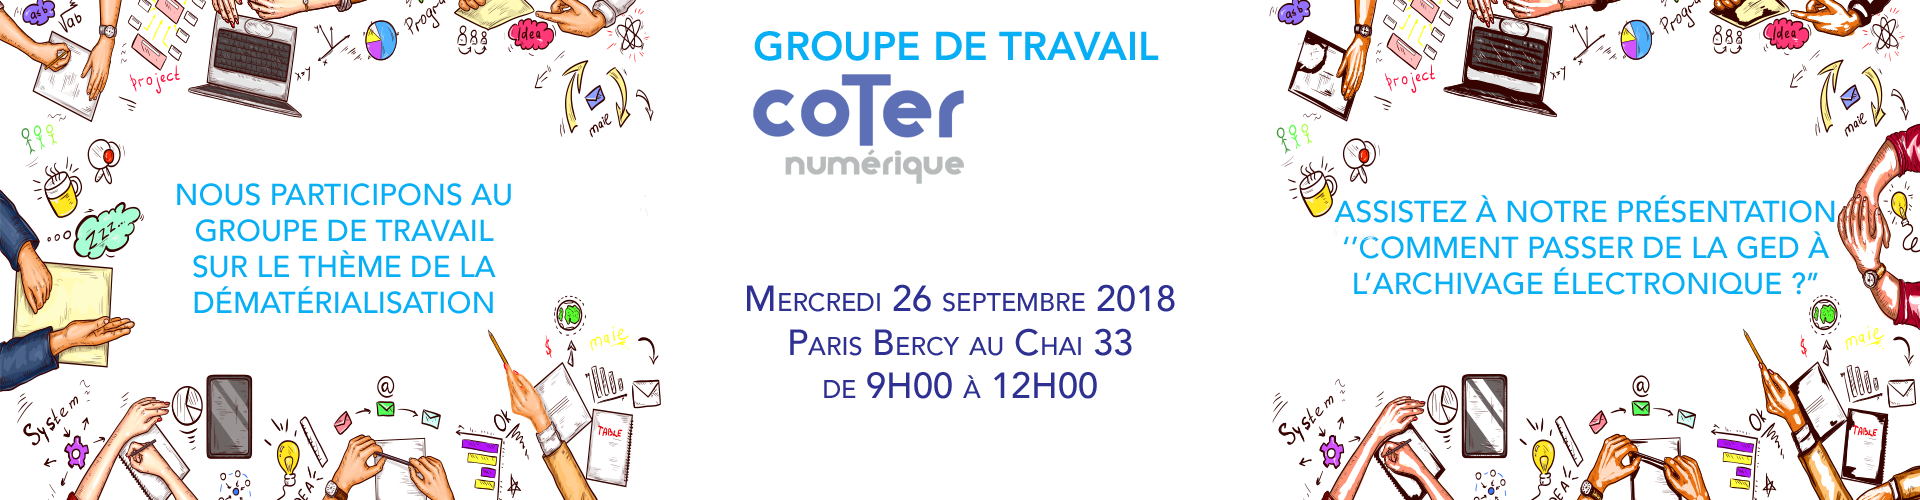 Bannière-Groupe-de-travail-CoTer-slideck-site-1